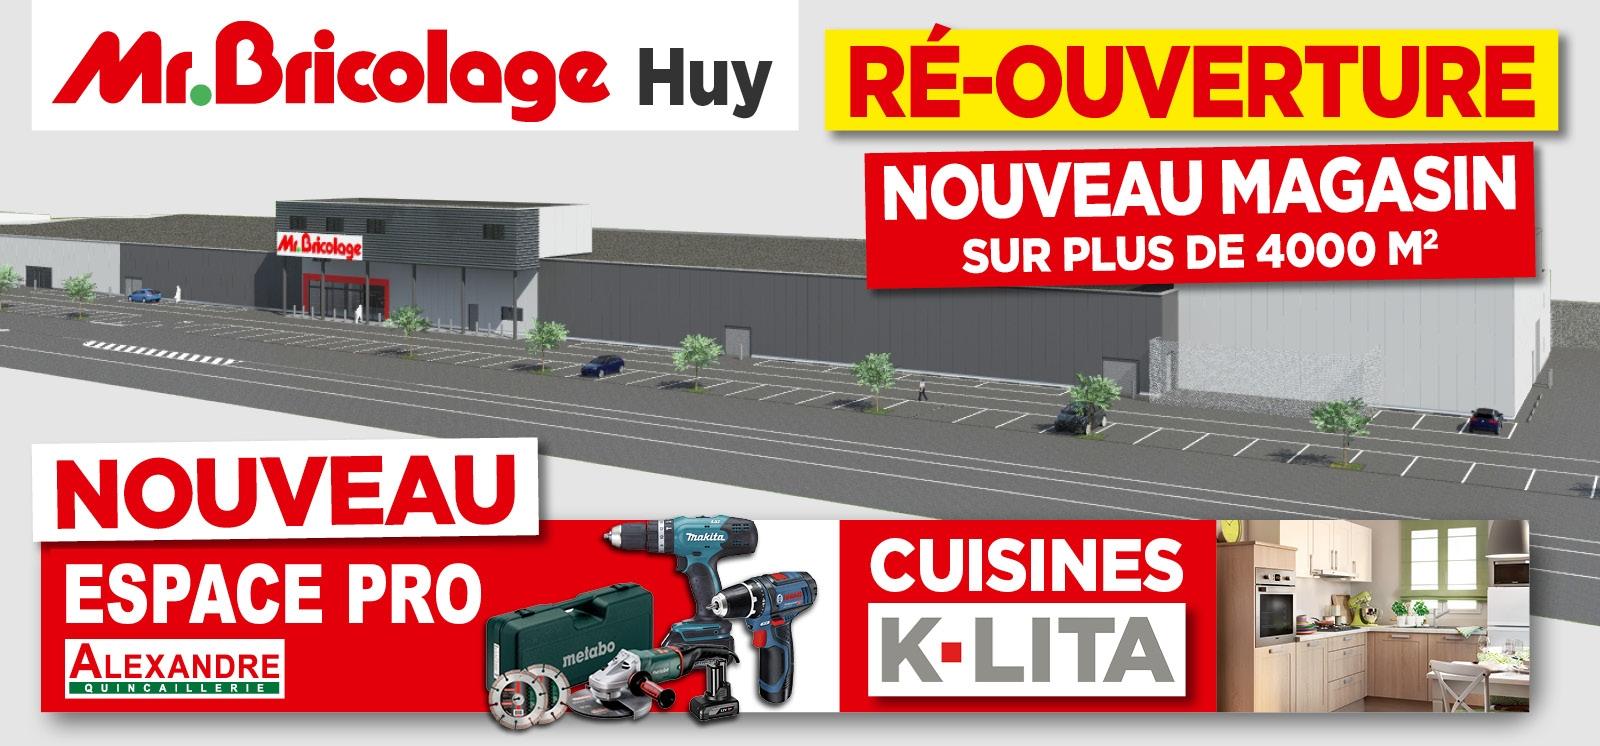 Promo - Réouverture du magasin de Huy